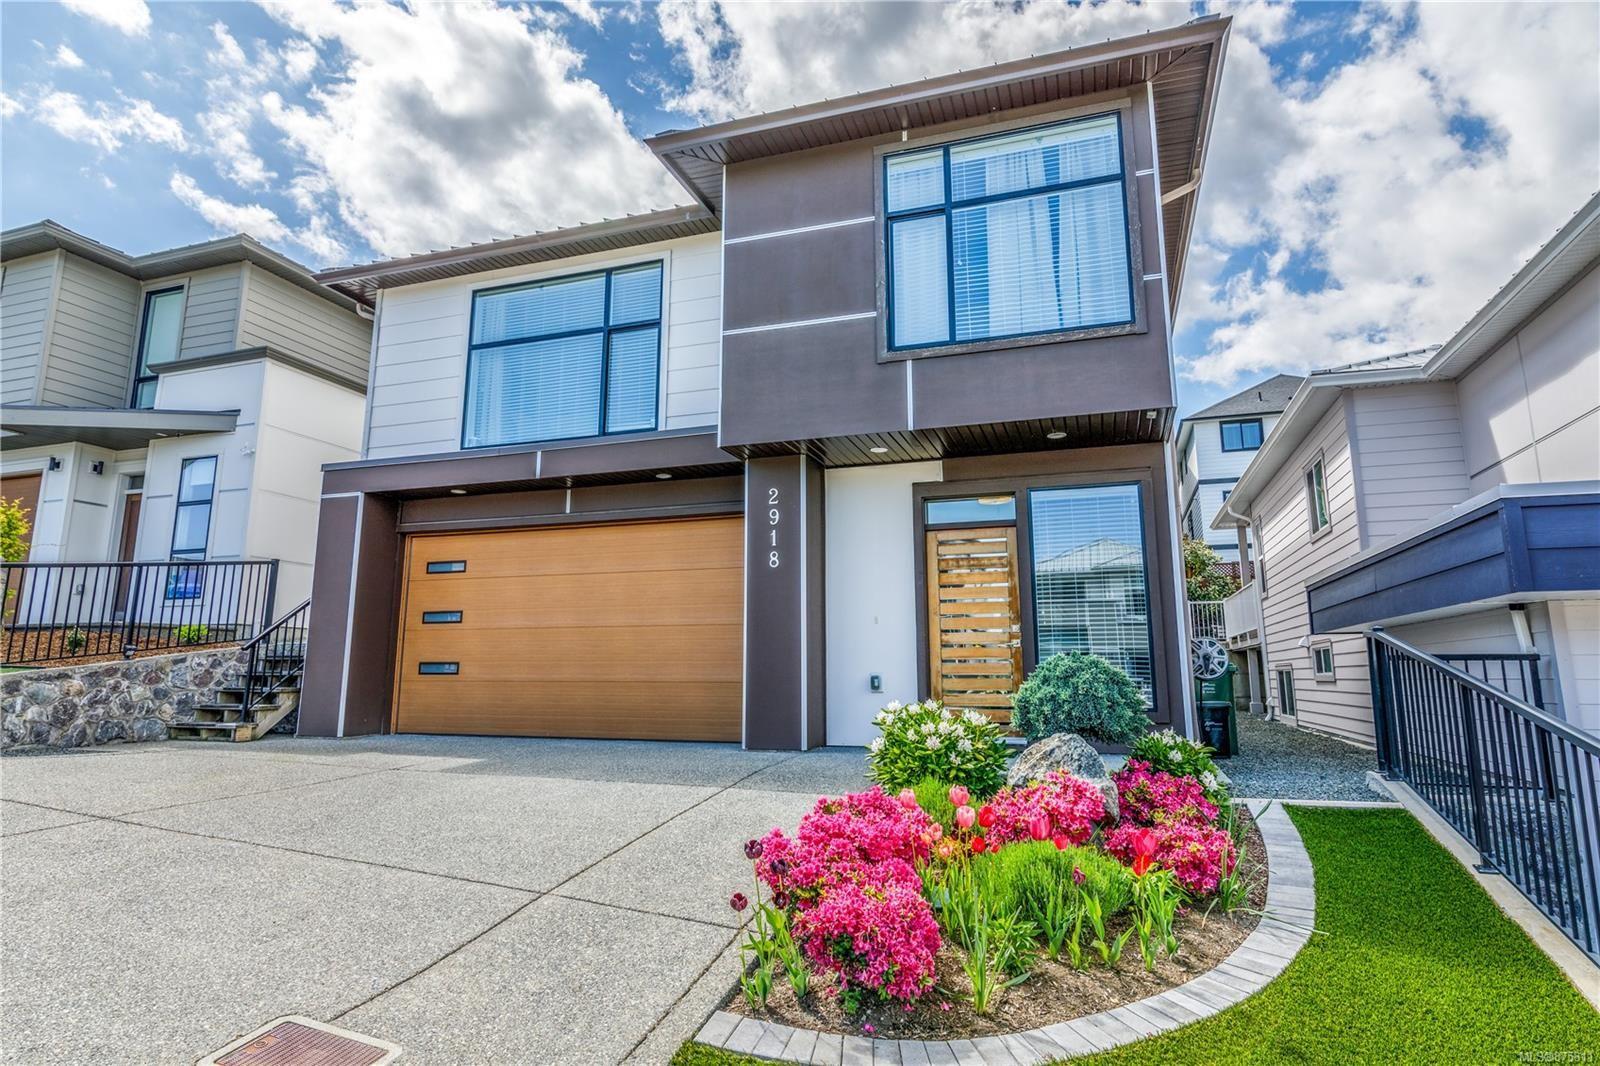 Main Photo: 2918 Pilatus Run in : La Westhills House for sale (Langford)  : MLS®# 875811